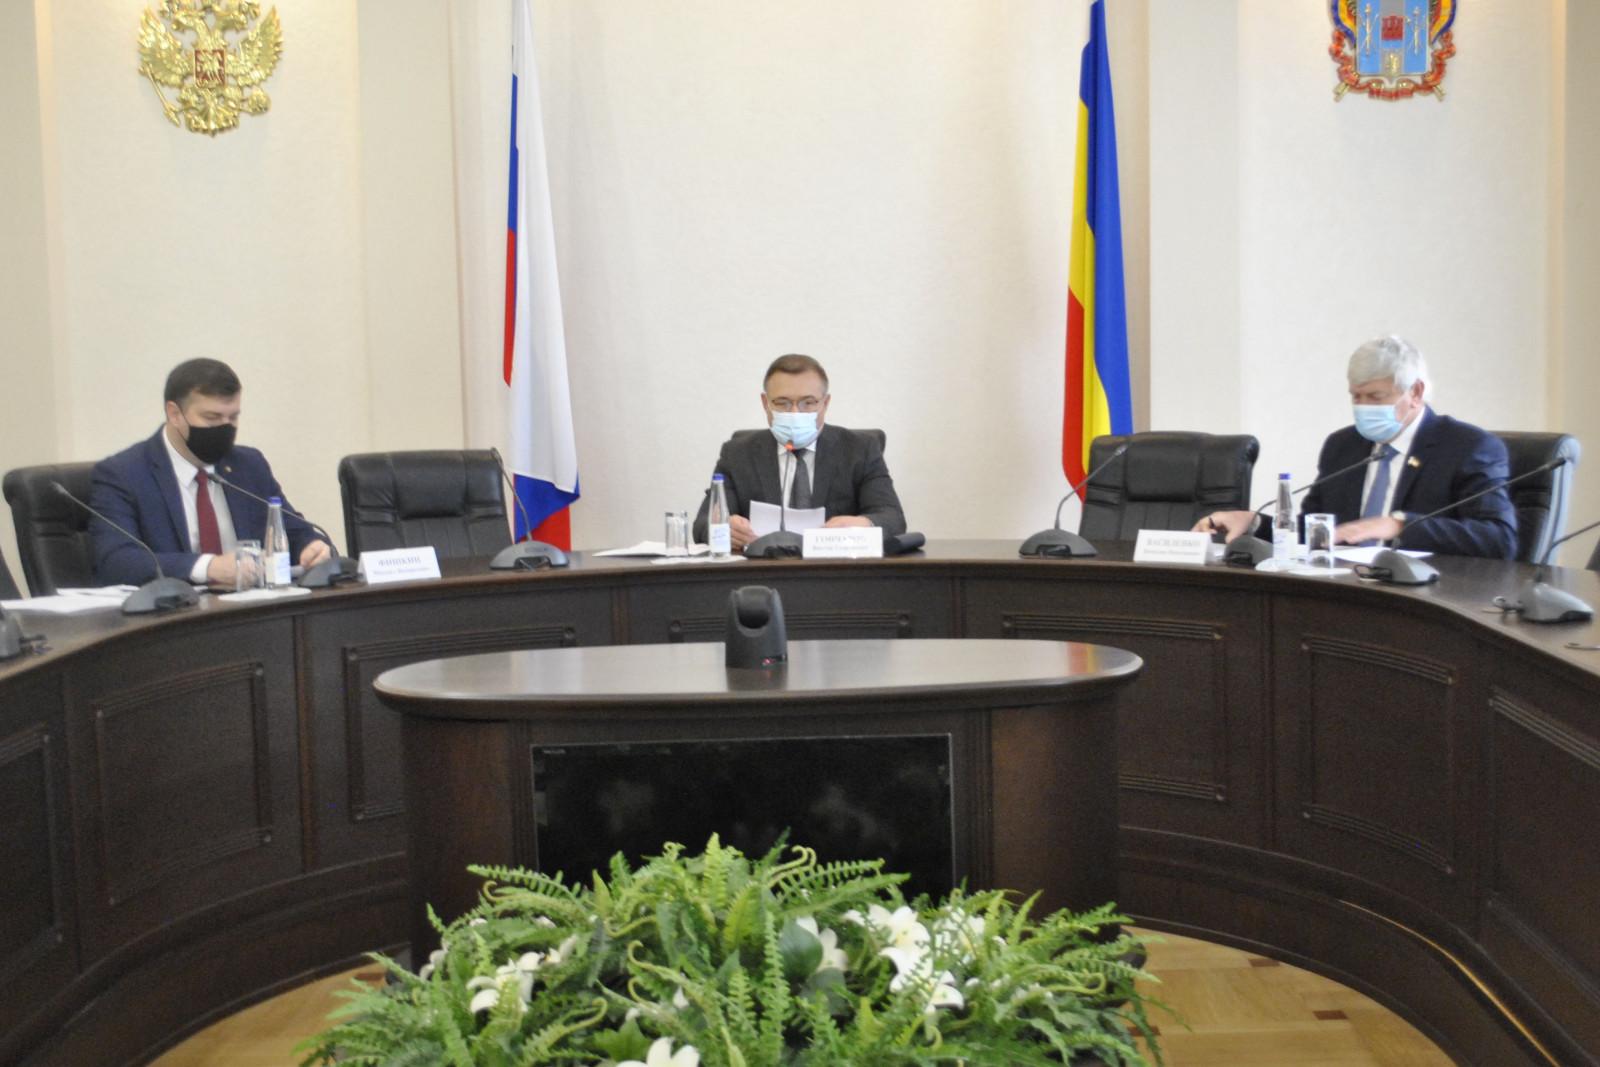 Цели нацпроекта «Экология» на 2020 год в Ростовской области достигнуты